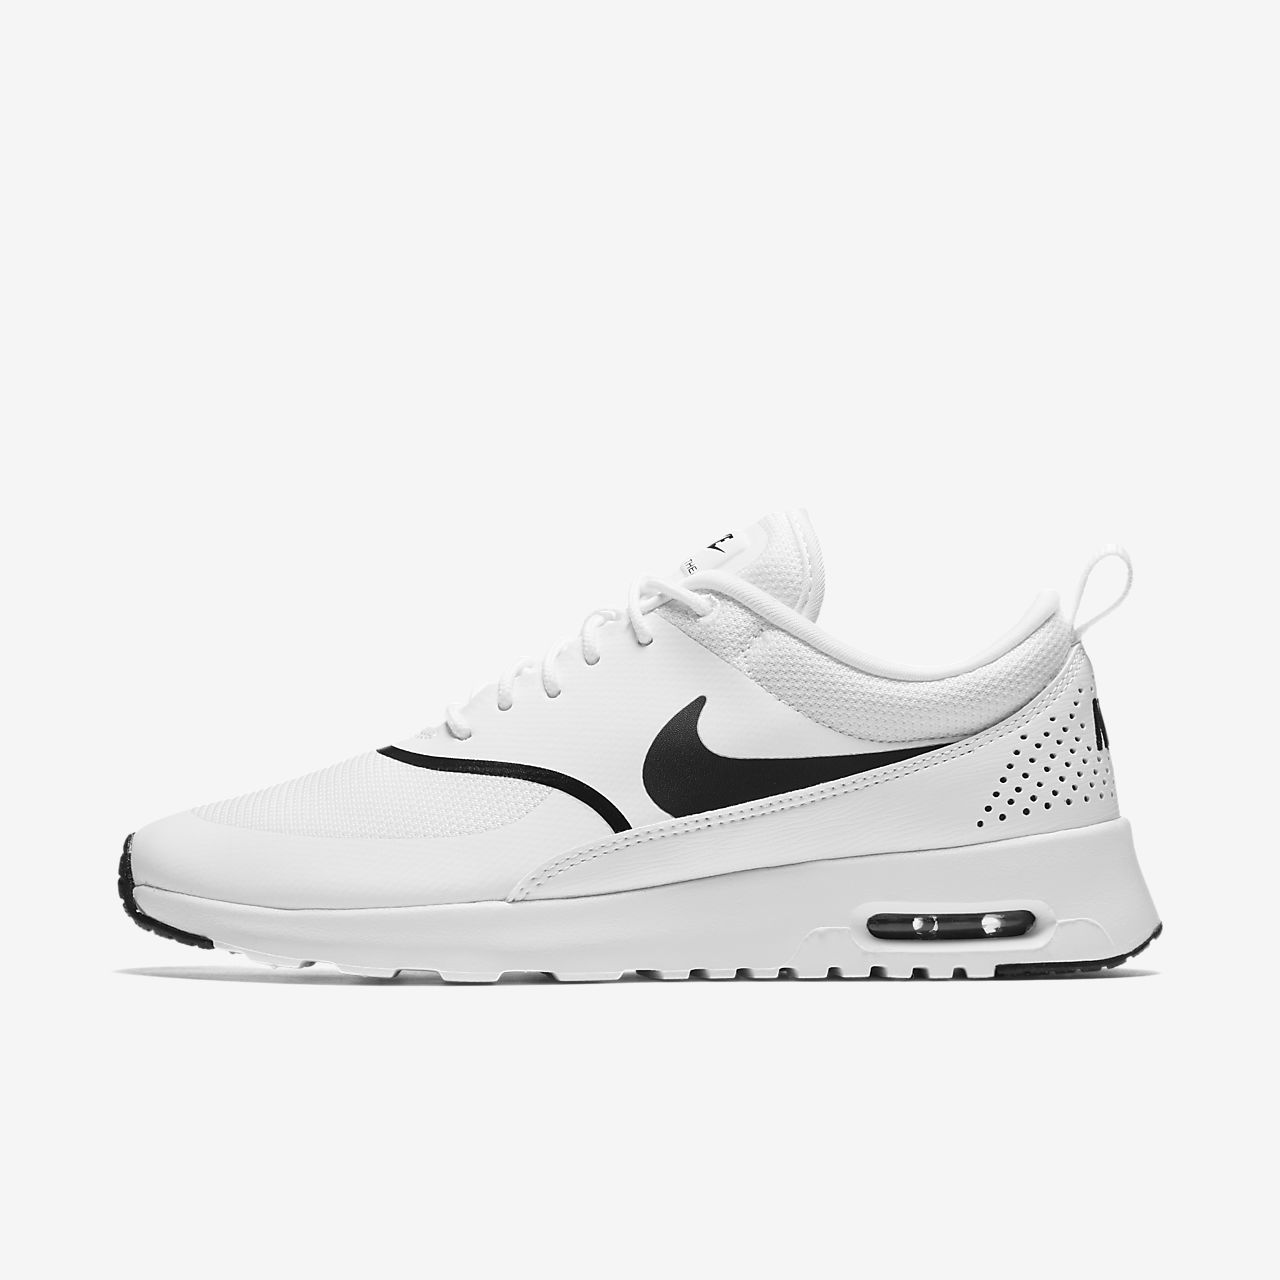 cbdd6a433a Chaussure Nike Air Max Thea pour Femme. Nike.com BE